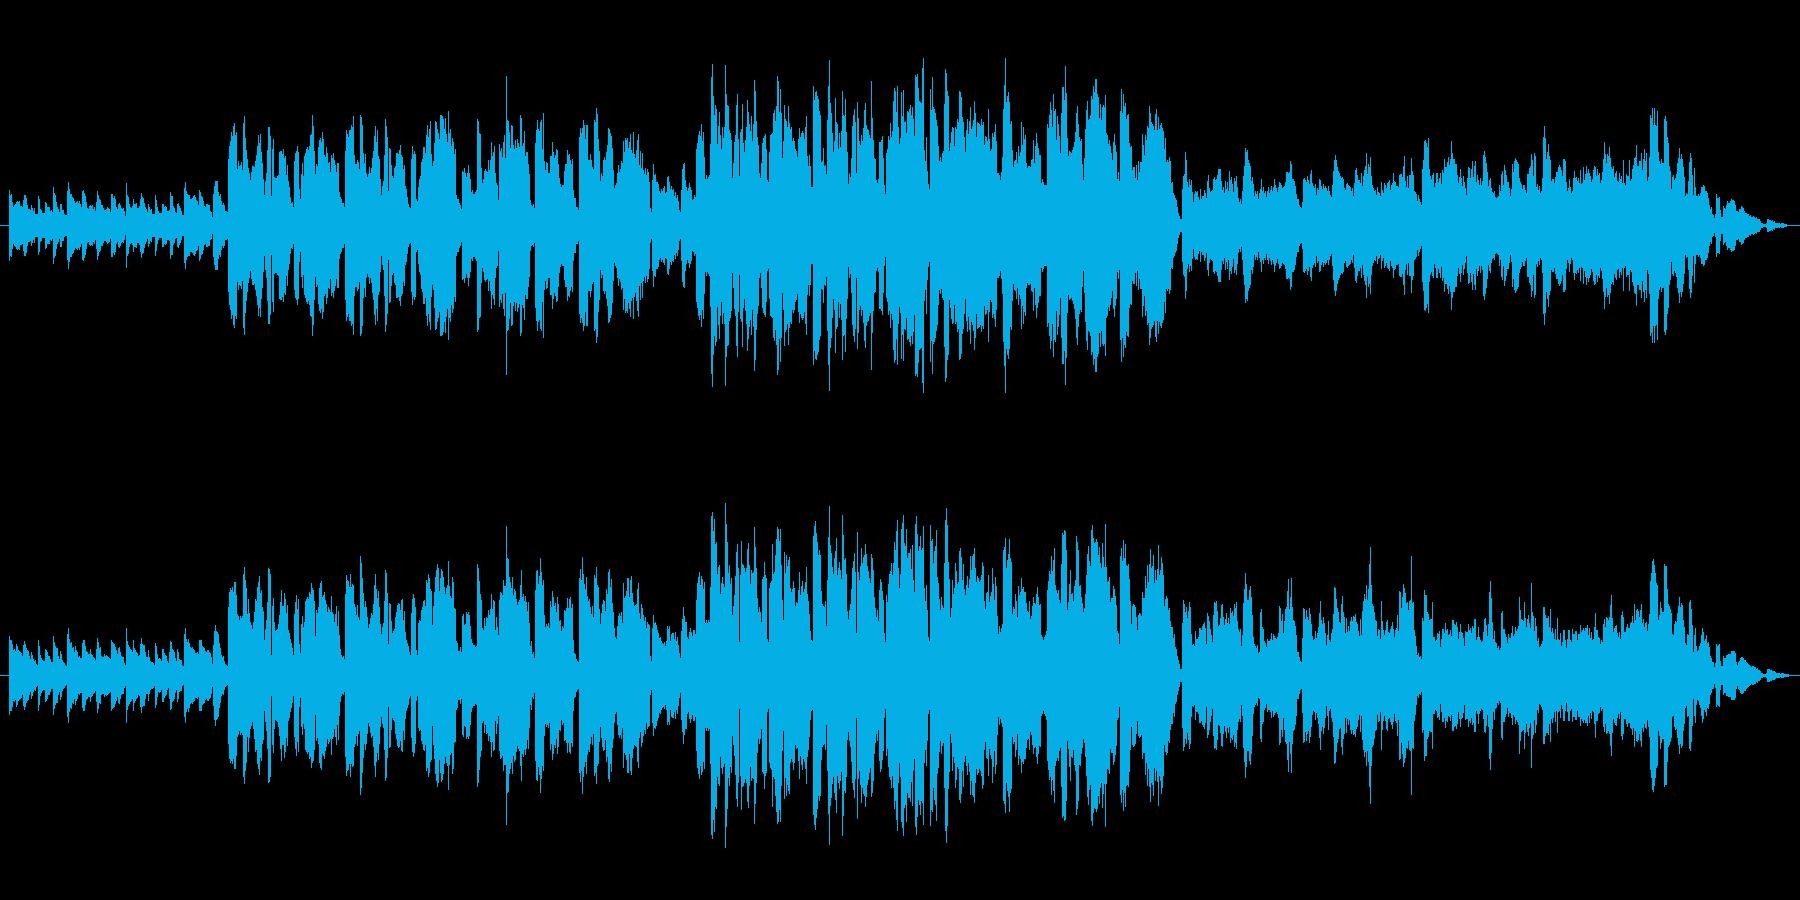 中国風の響きを取り入れた曲です。繰り返…の再生済みの波形